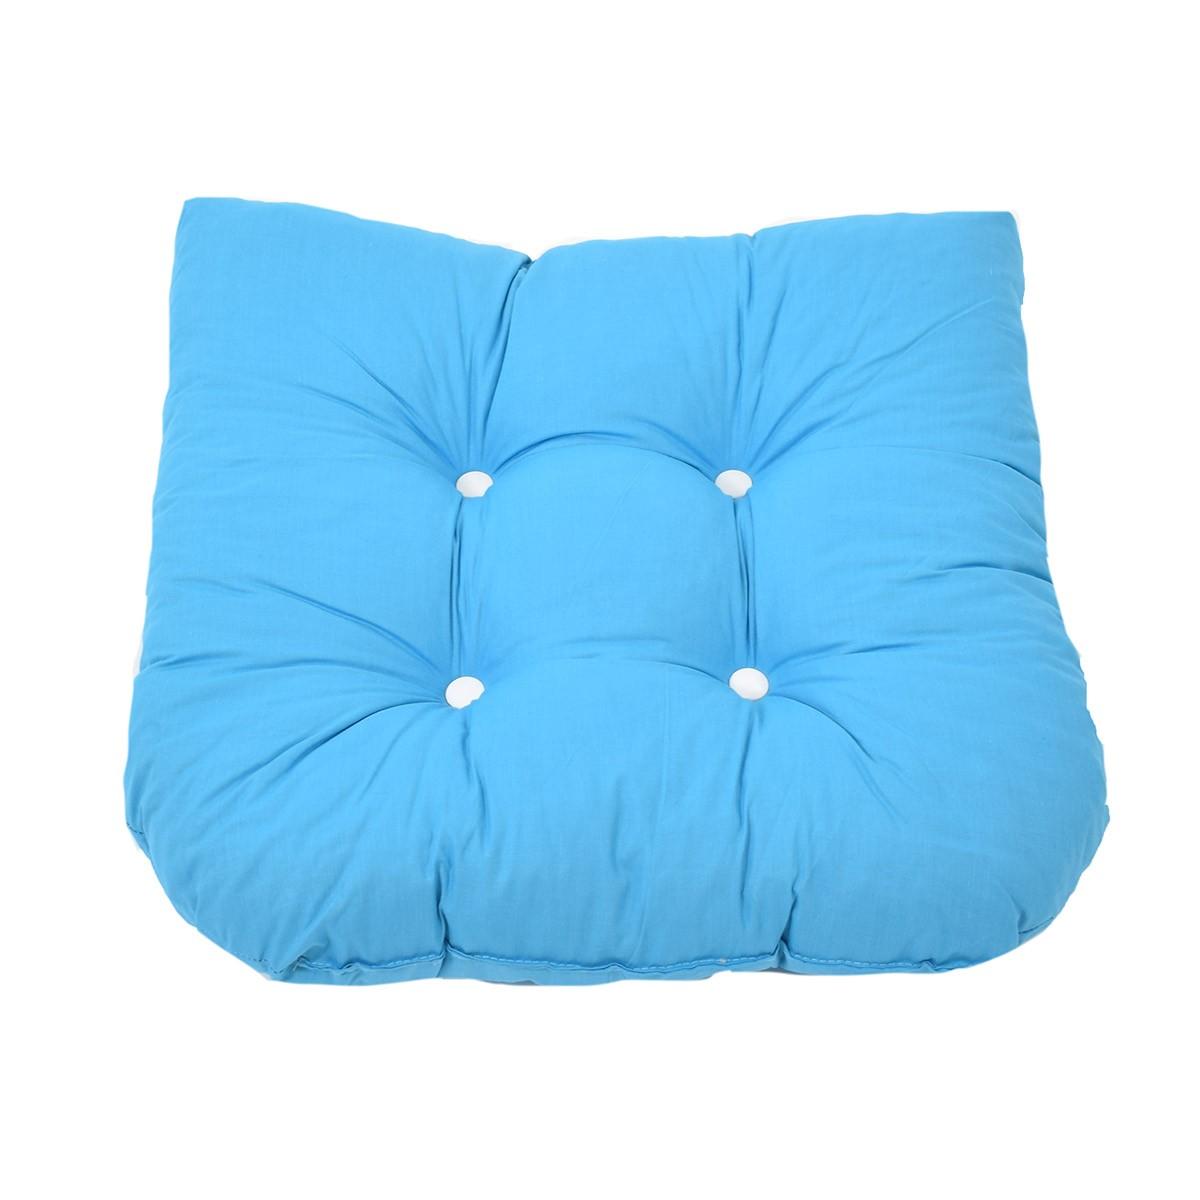 Μαξιλάρι Καρέκλας Bamboo Πέταλο Fratoni Solid Turquoise